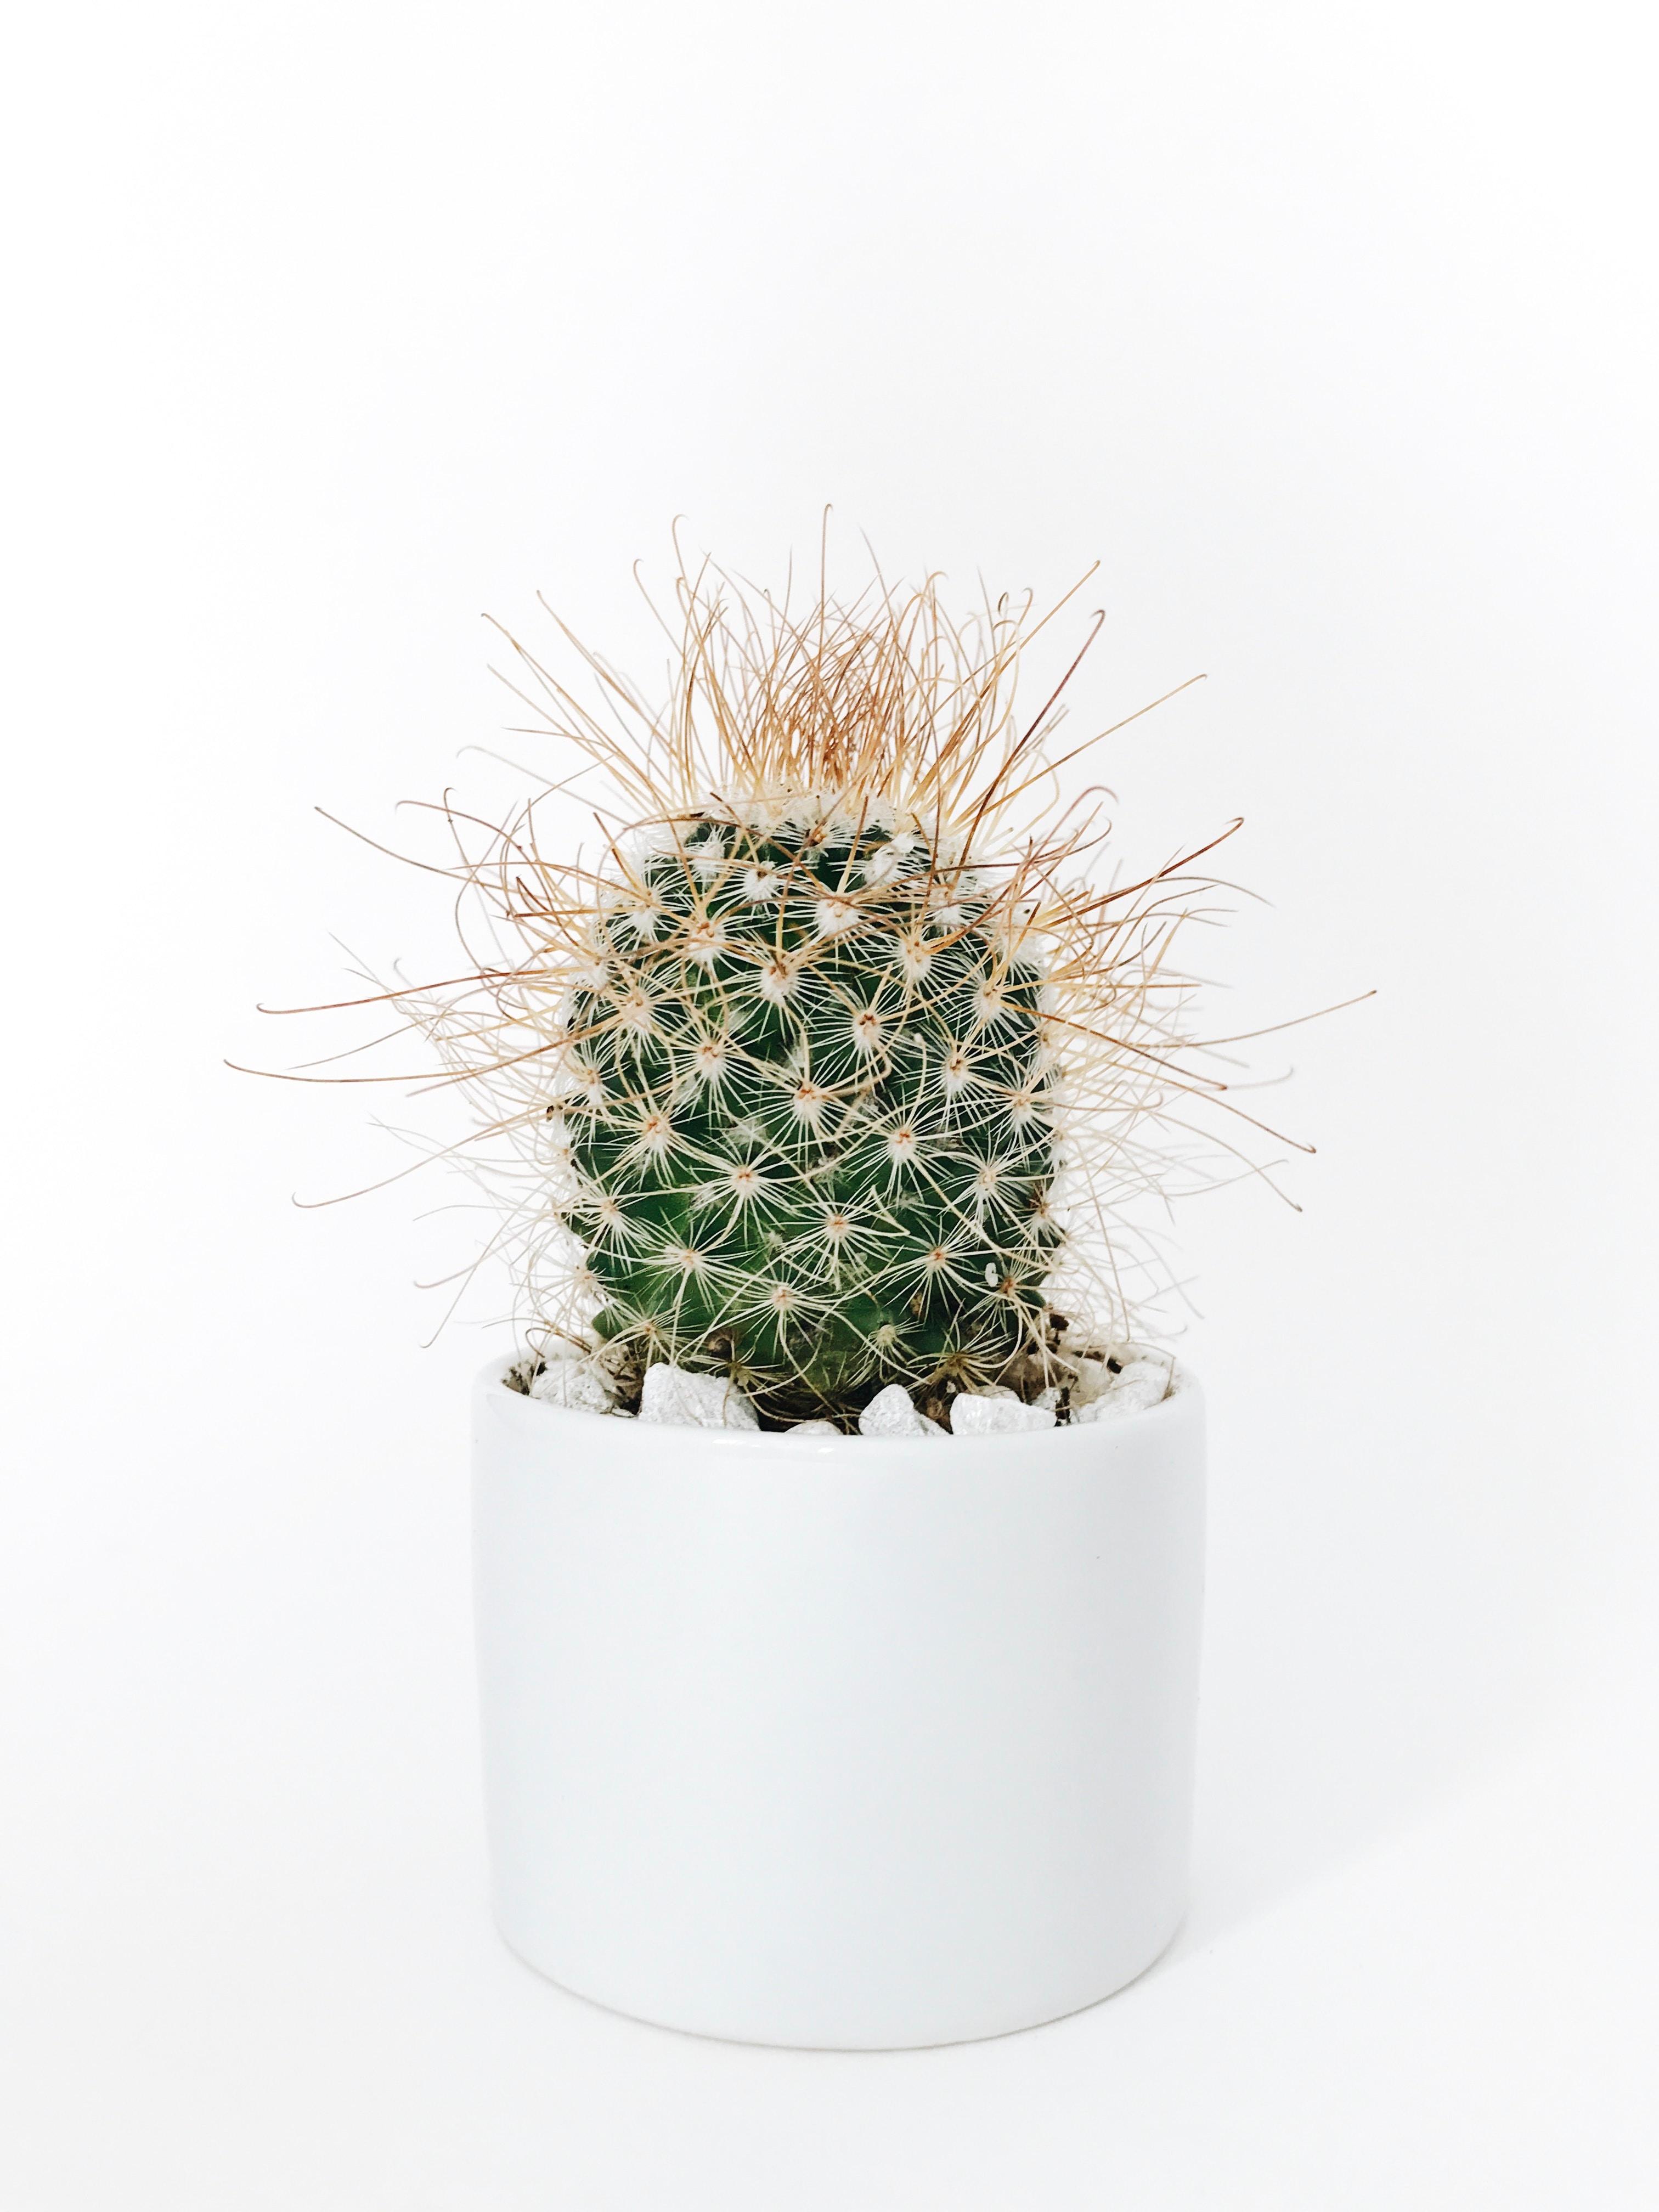 pöhöttynyt kaktus